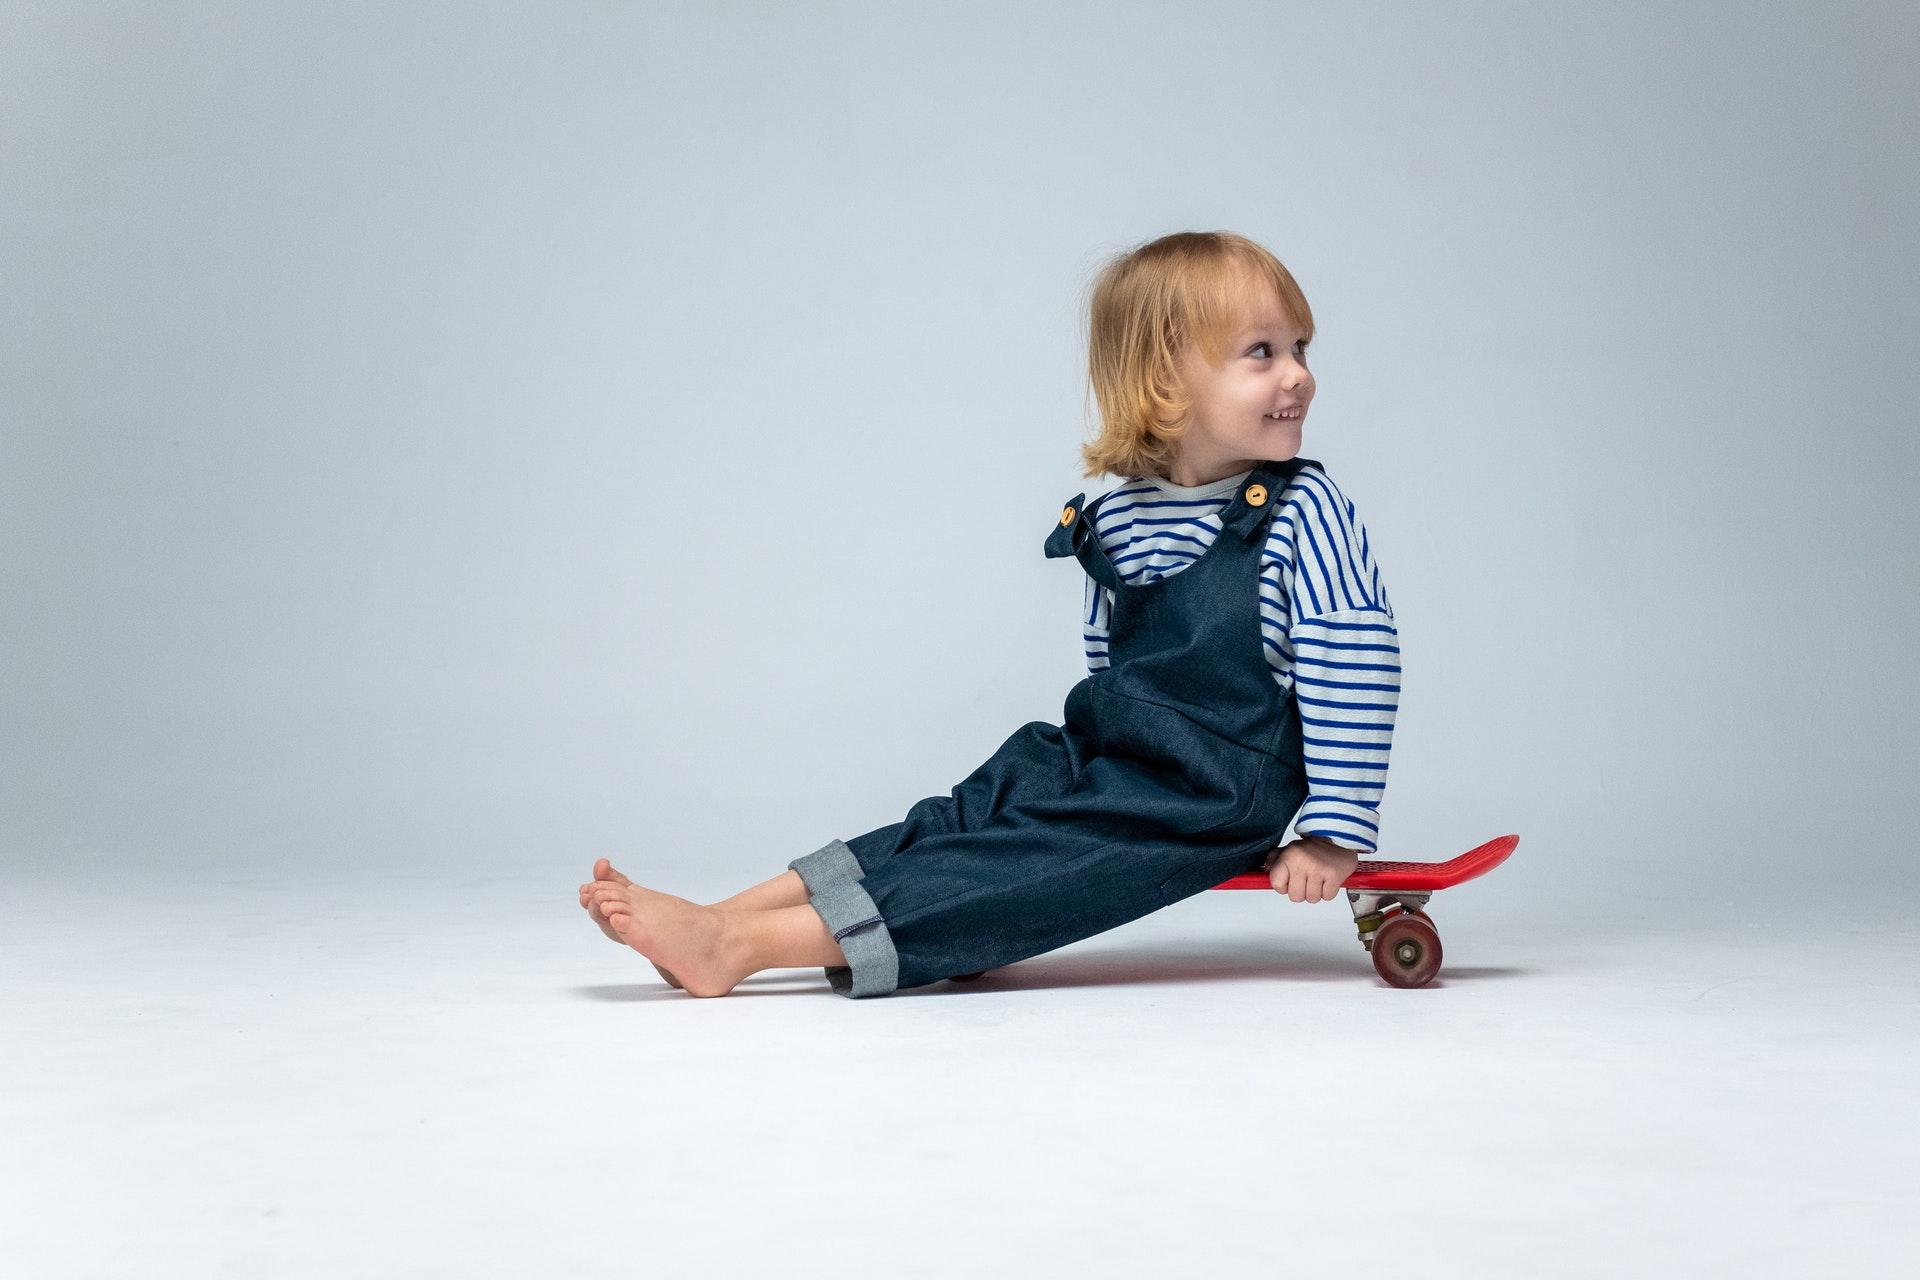 Kinderfoto eines Kindes auf einem Skateboard